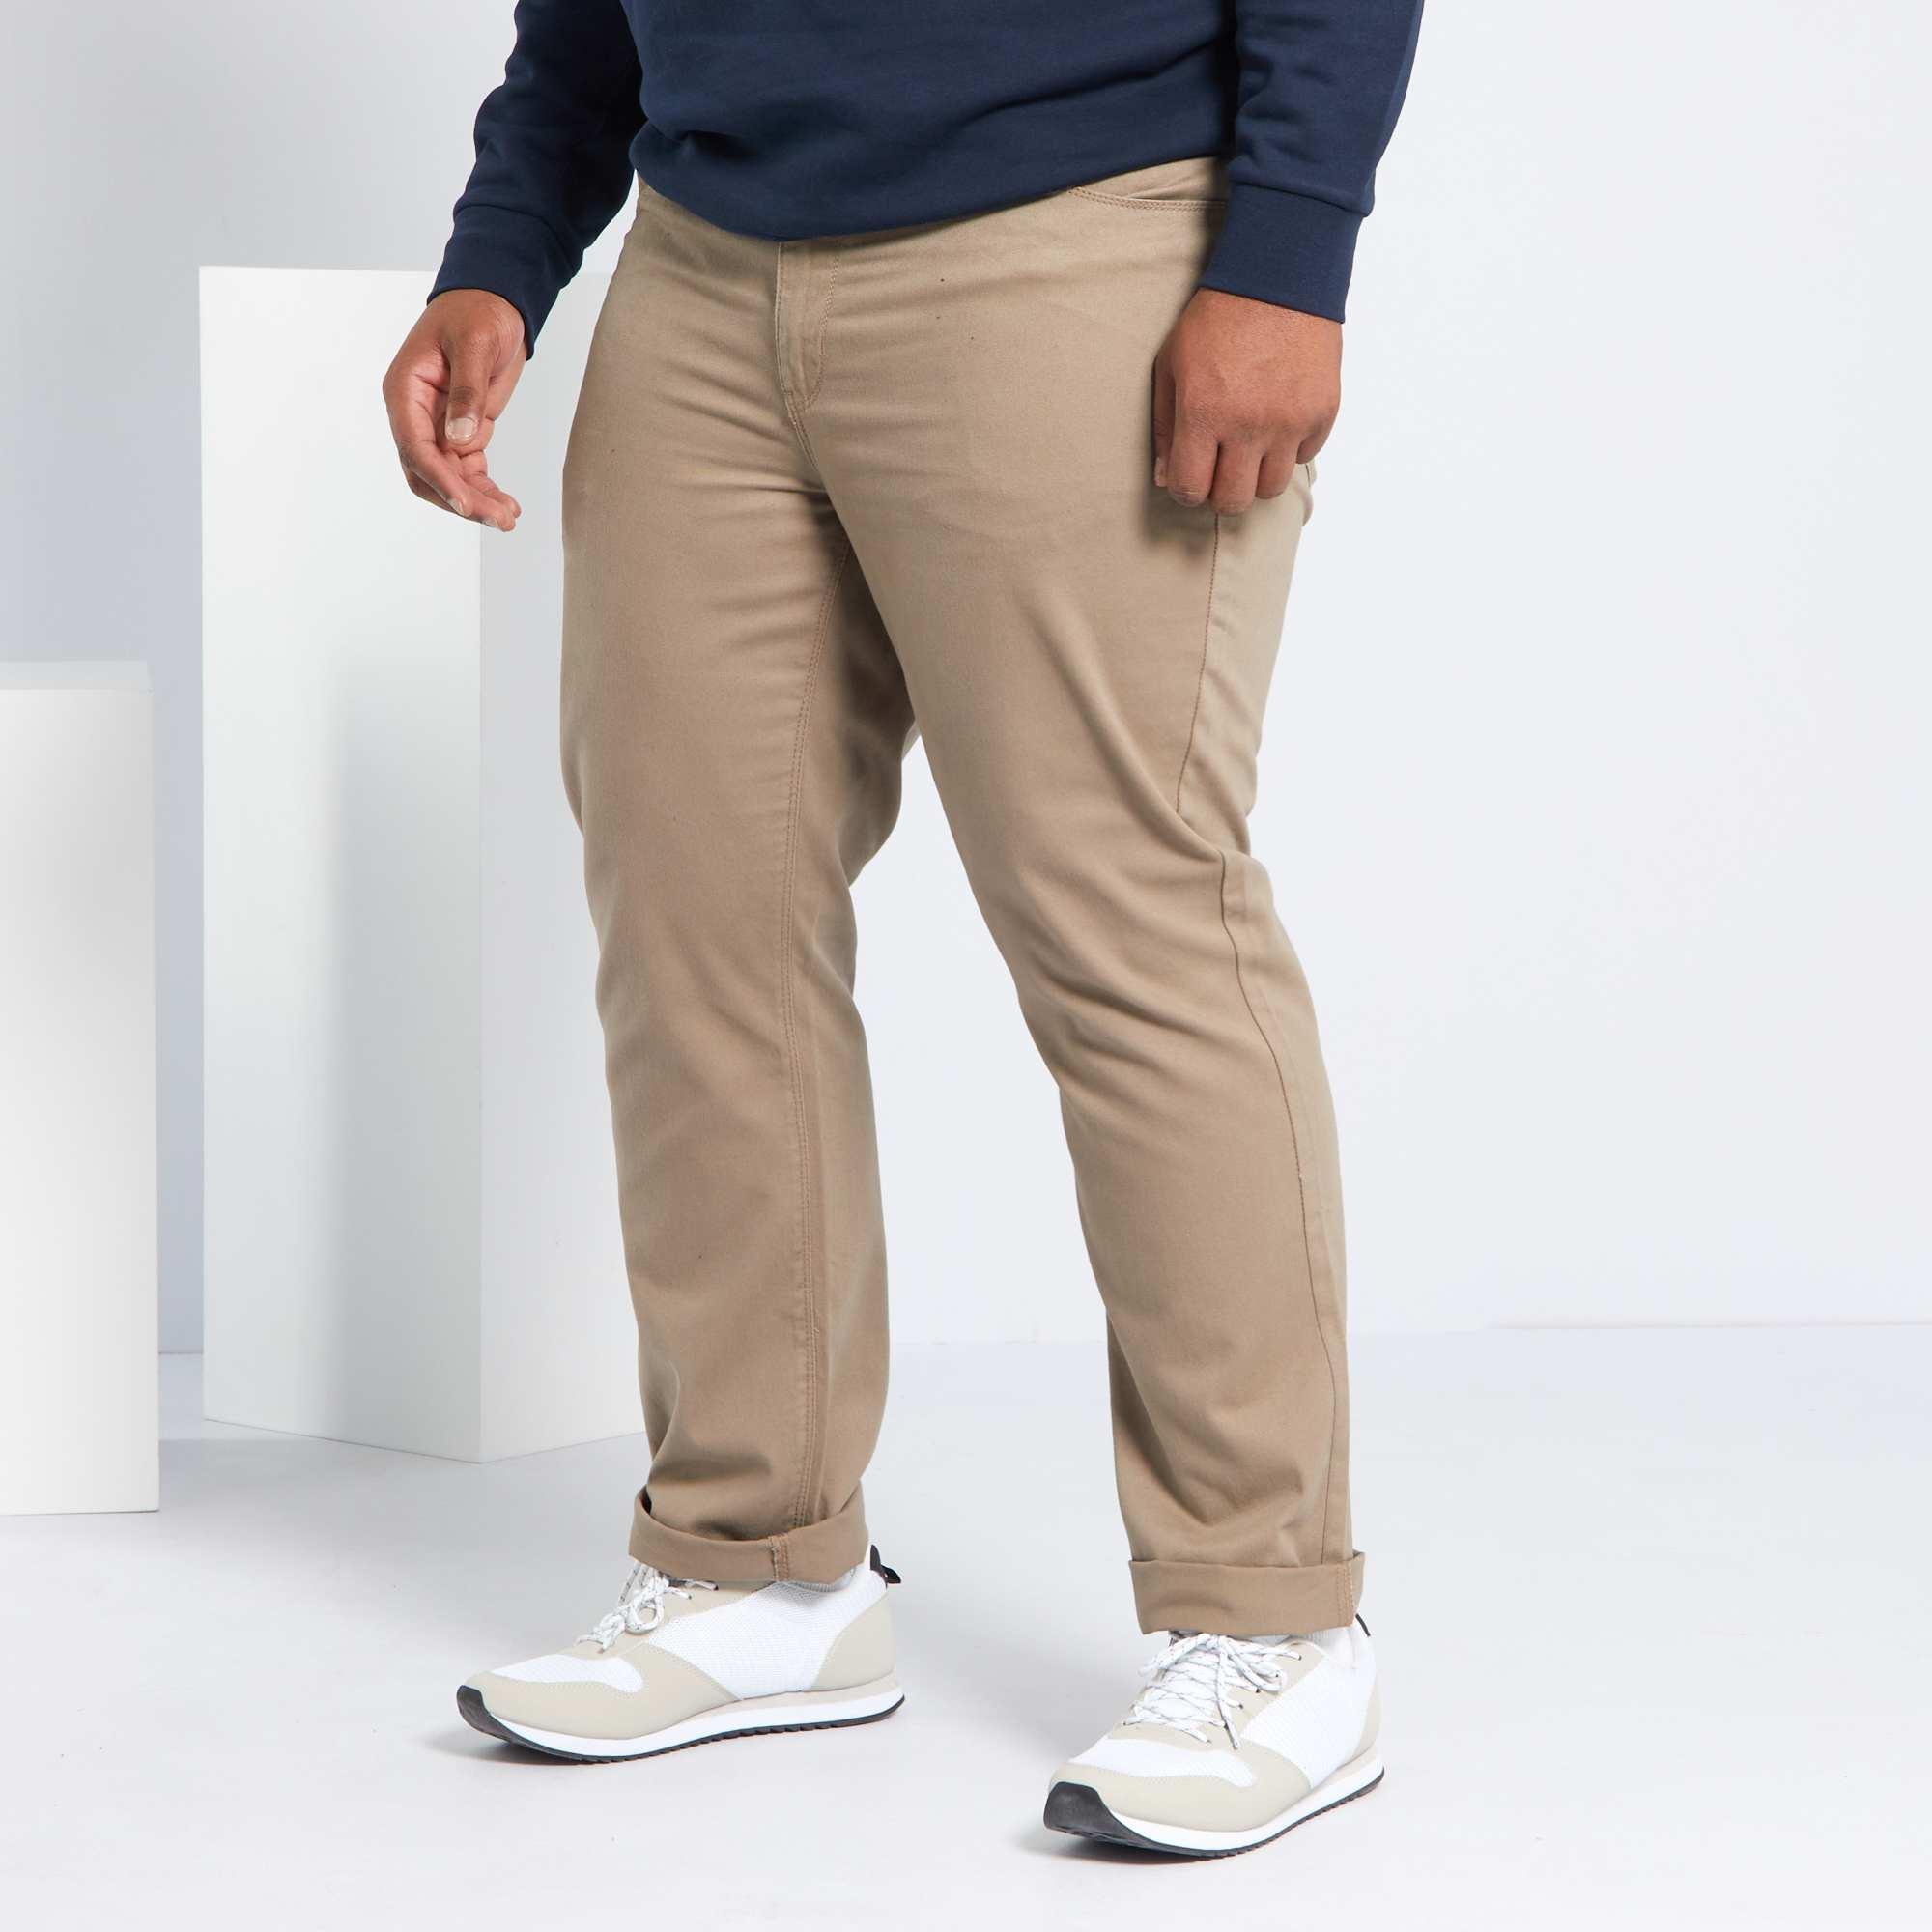 pantalon regular en gabardine grande taille homme beige. Black Bedroom Furniture Sets. Home Design Ideas